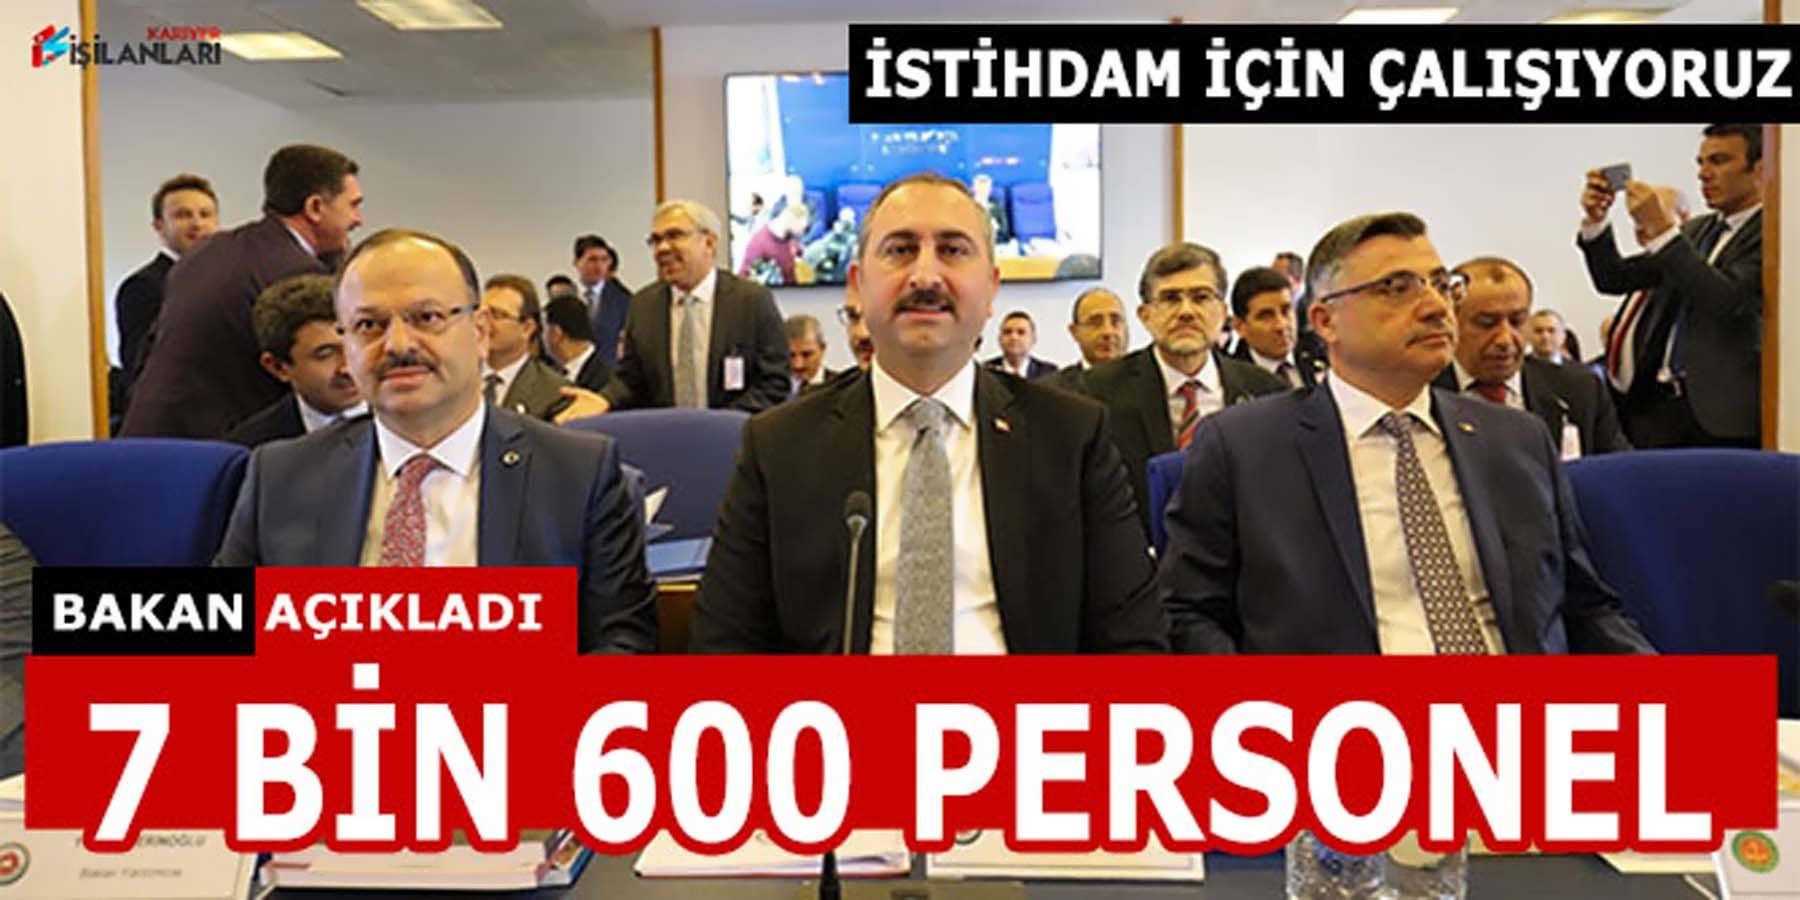 Bakan Personel Alımı Sayısını Açıkladı 7 Bin 600